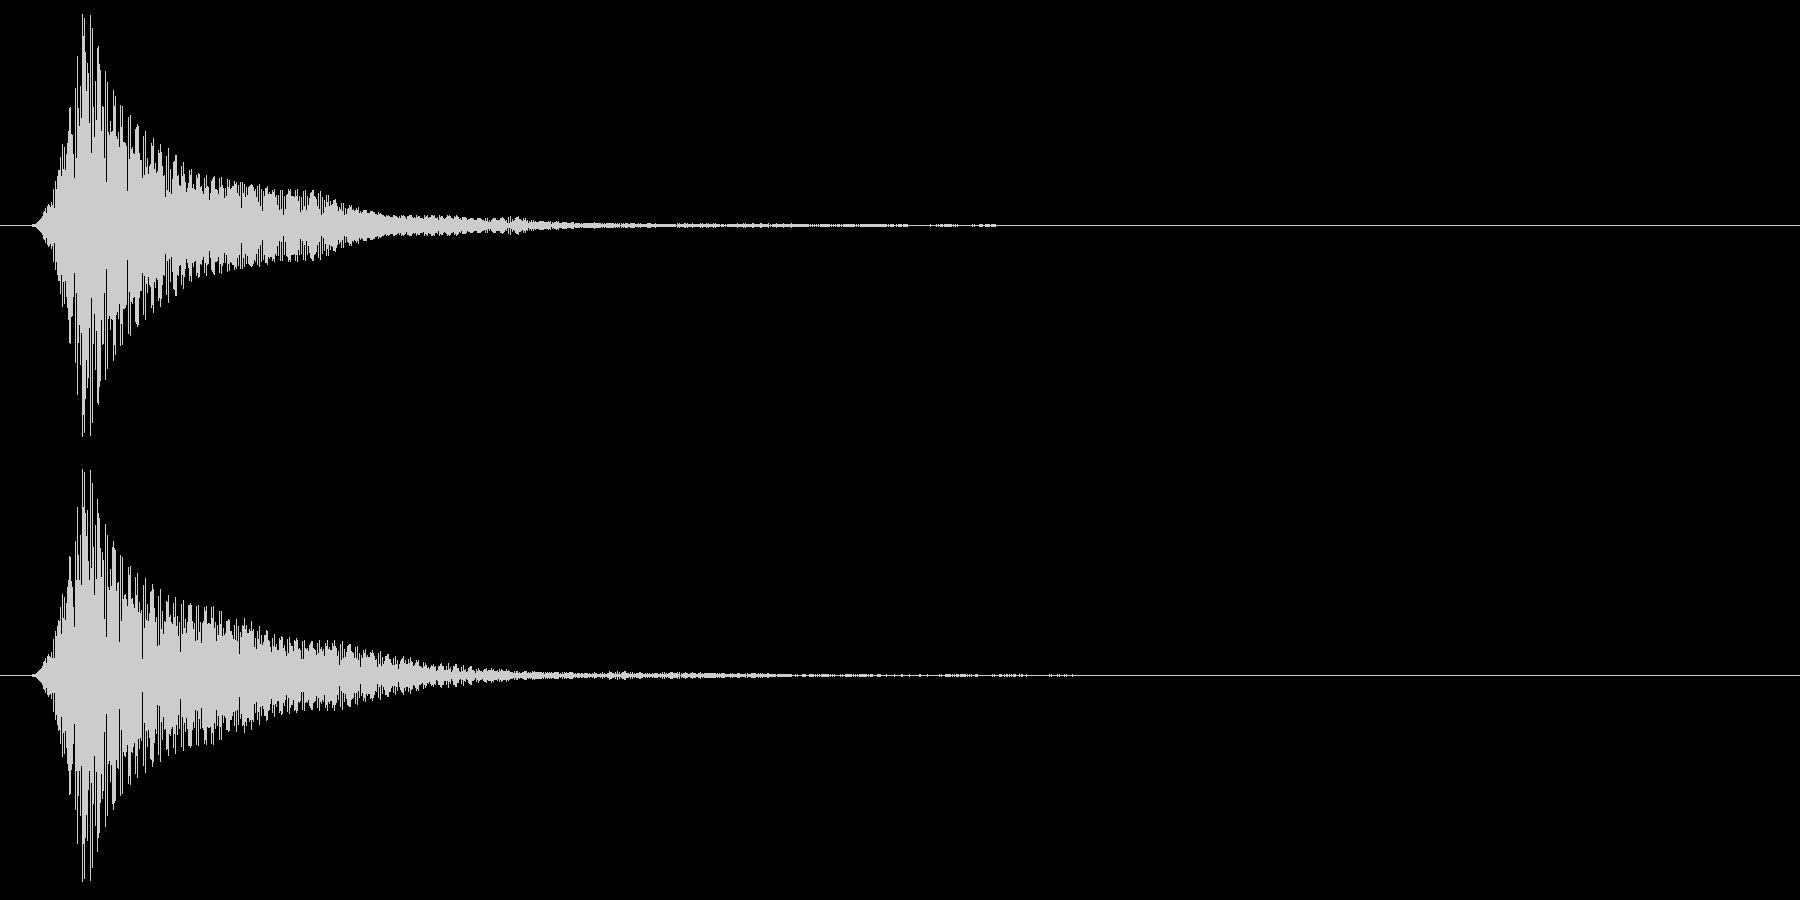 丸みのある低めのボタン音の未再生の波形